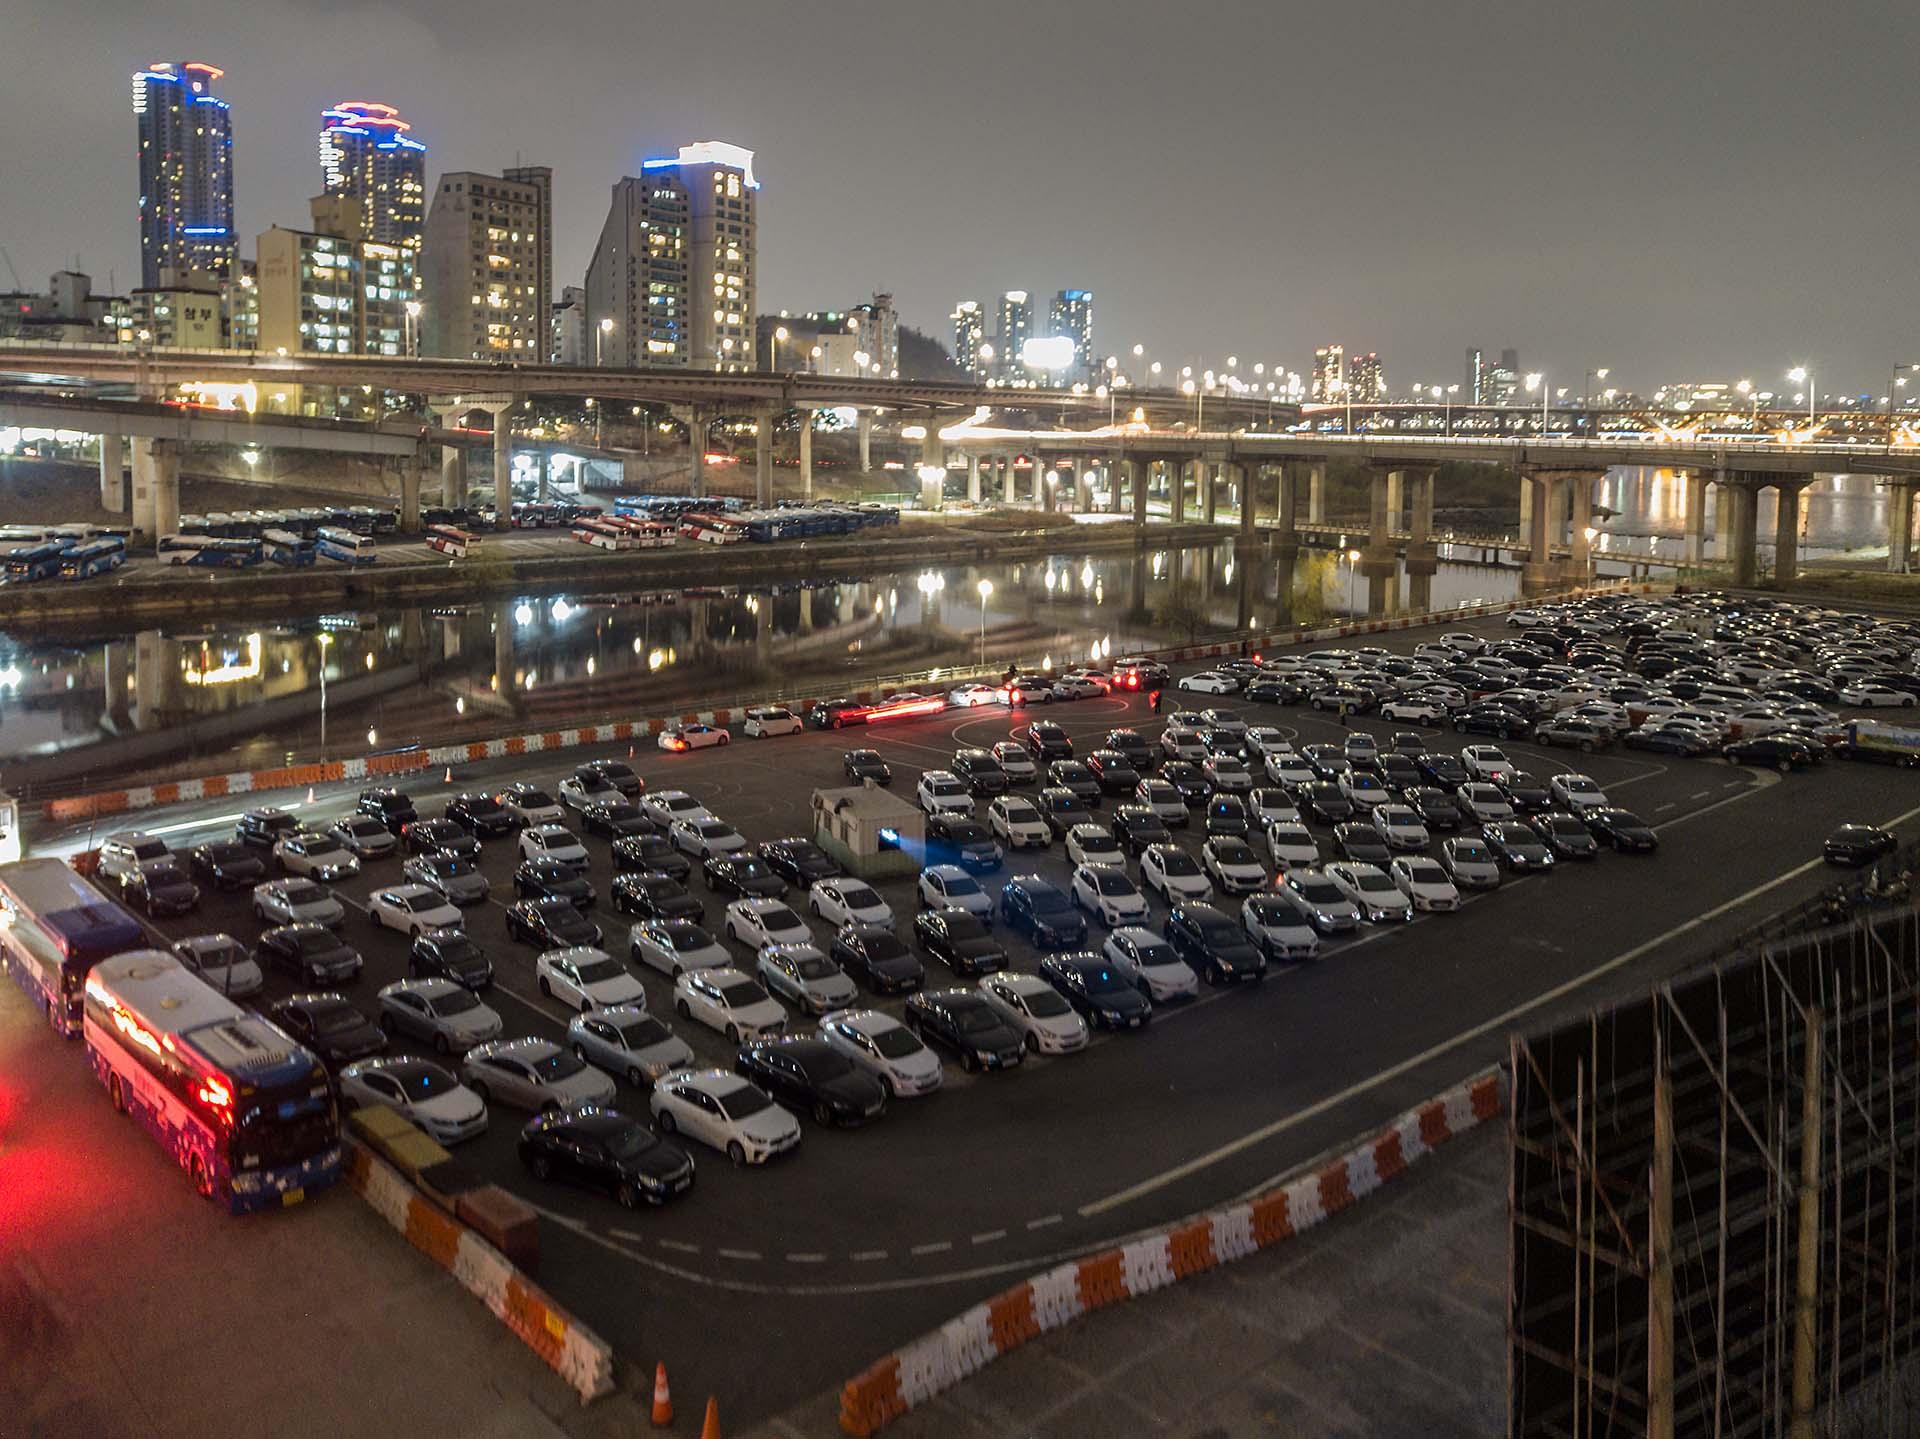 Mientras las salas de cine están cerradas, los autocines de Seúl, Corea del Sur, vieron explotar su concurrencia. (AFP)